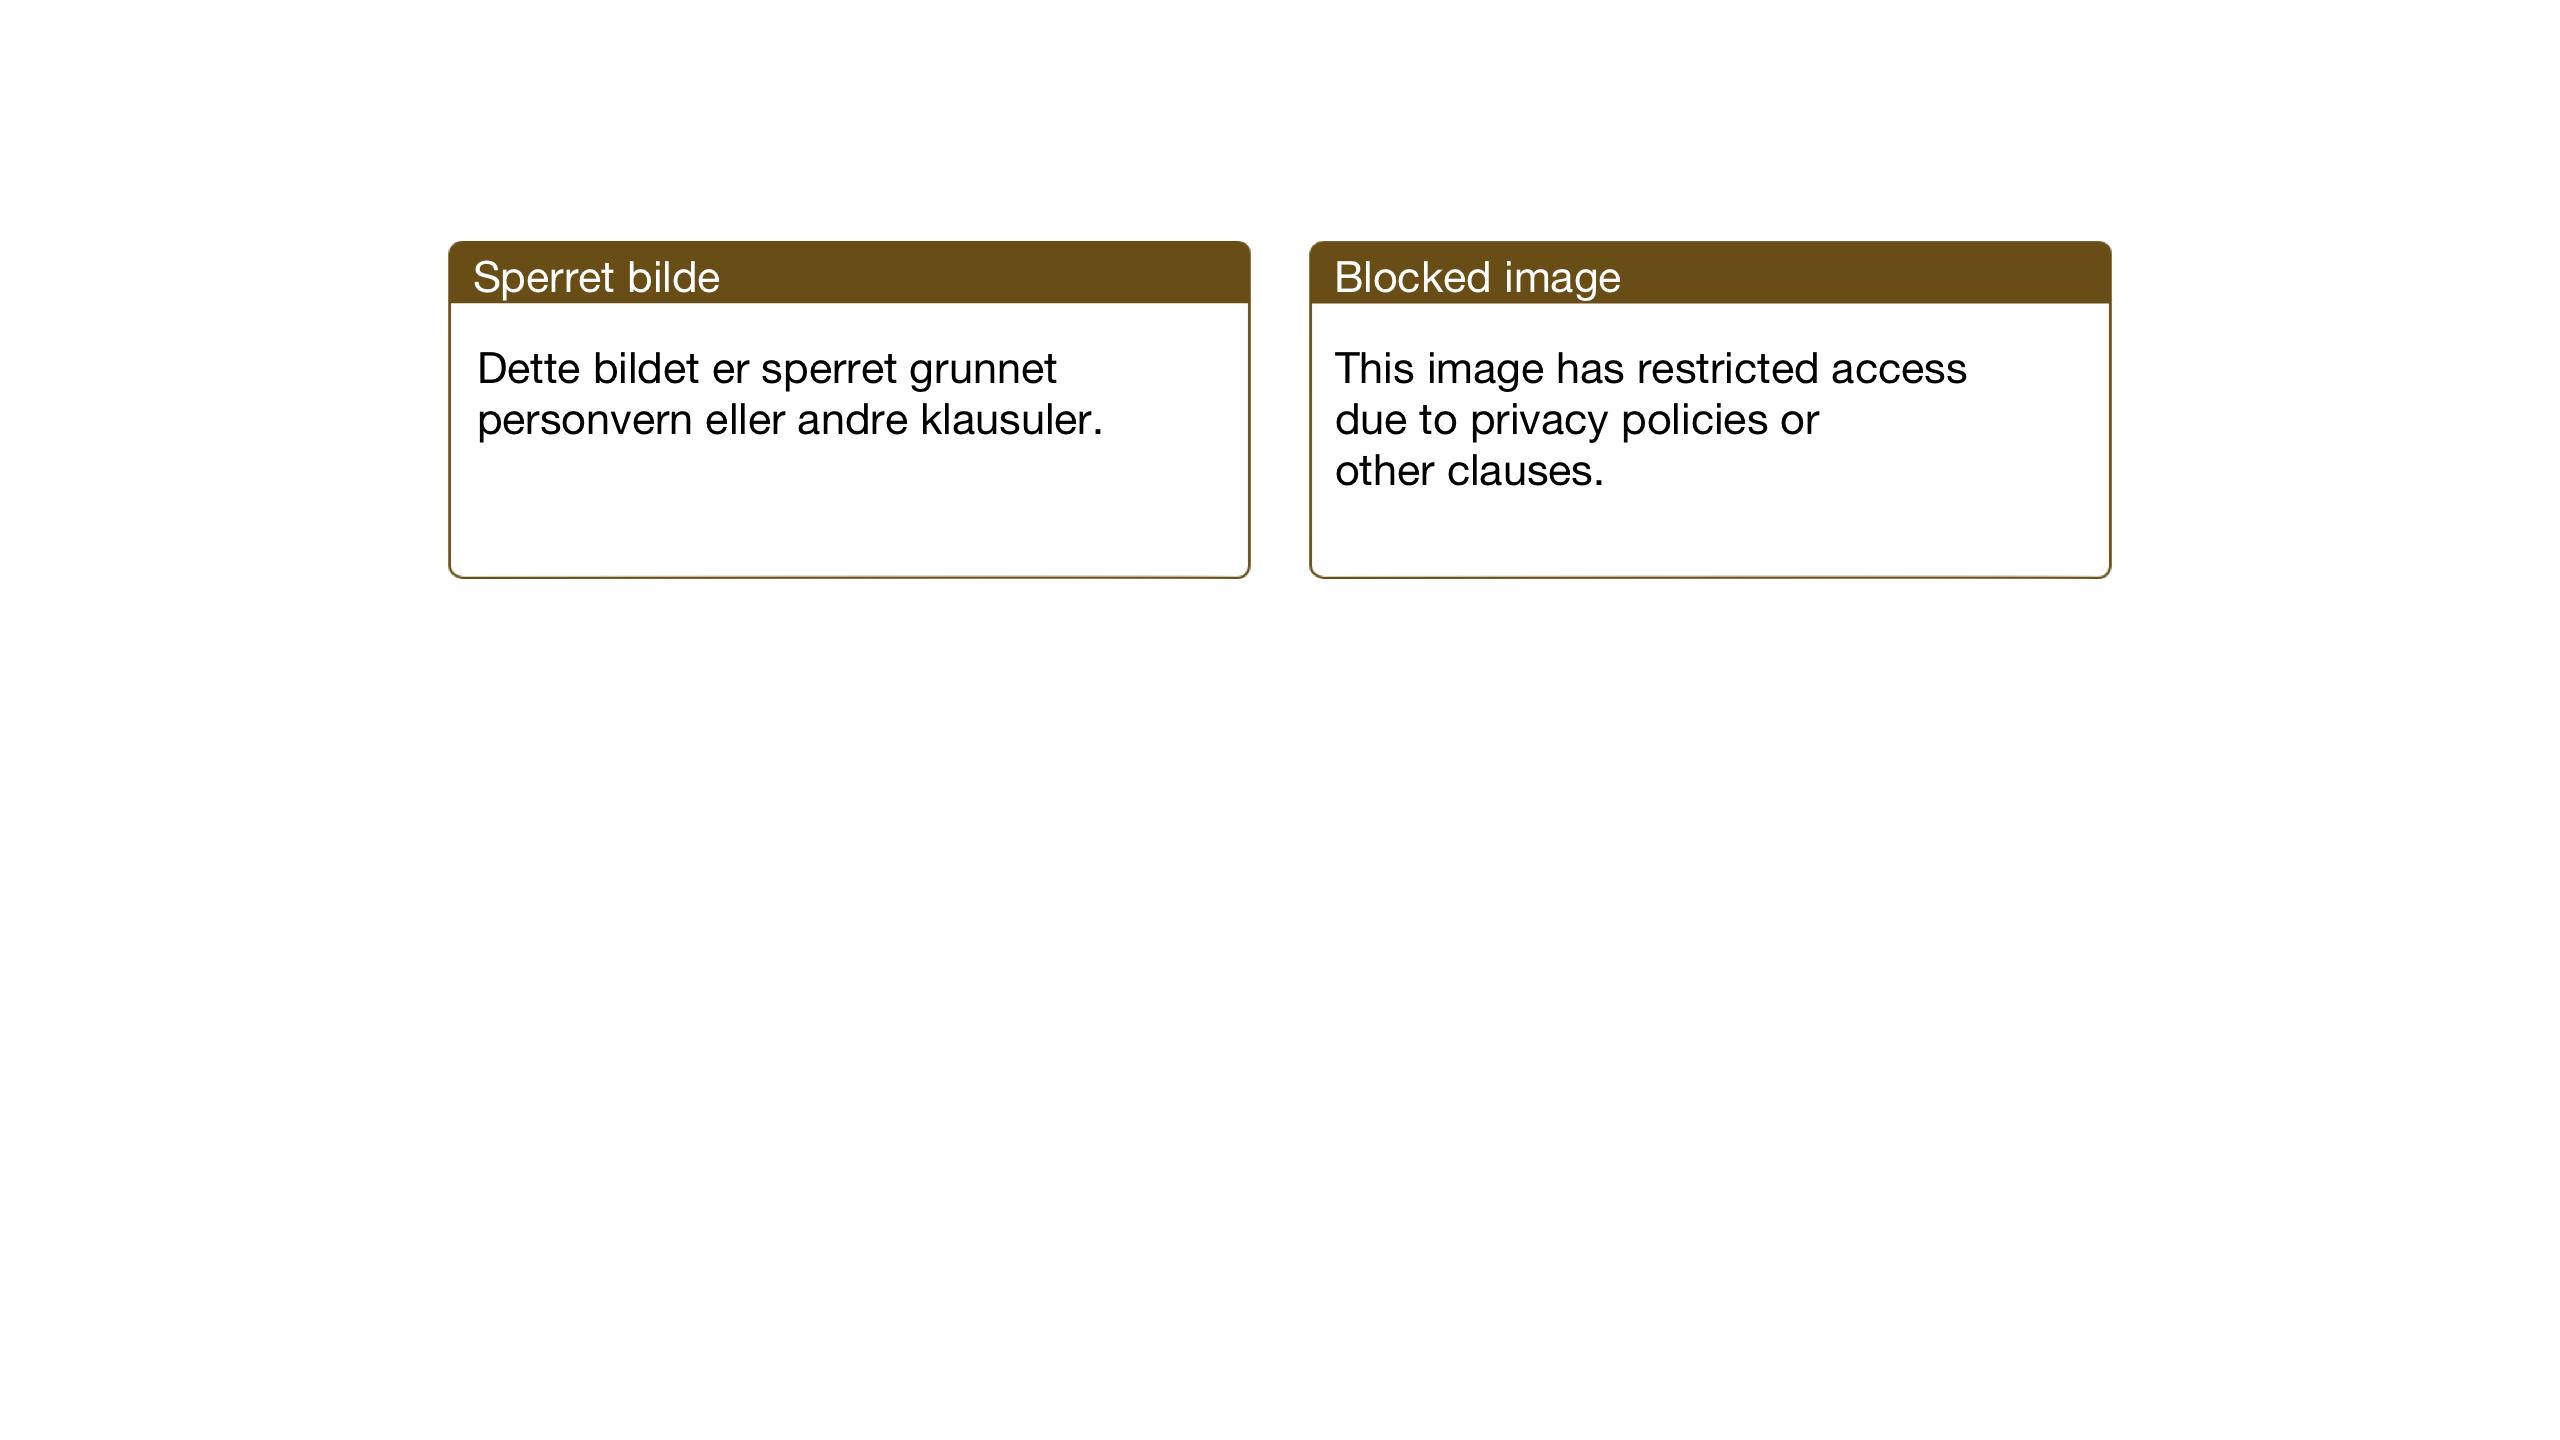 SAT, Ministerialprotokoller, klokkerbøker og fødselsregistre - Sør-Trøndelag, 674/L0878: Klokkerbok nr. 674C05, 1941-1950, s. 94